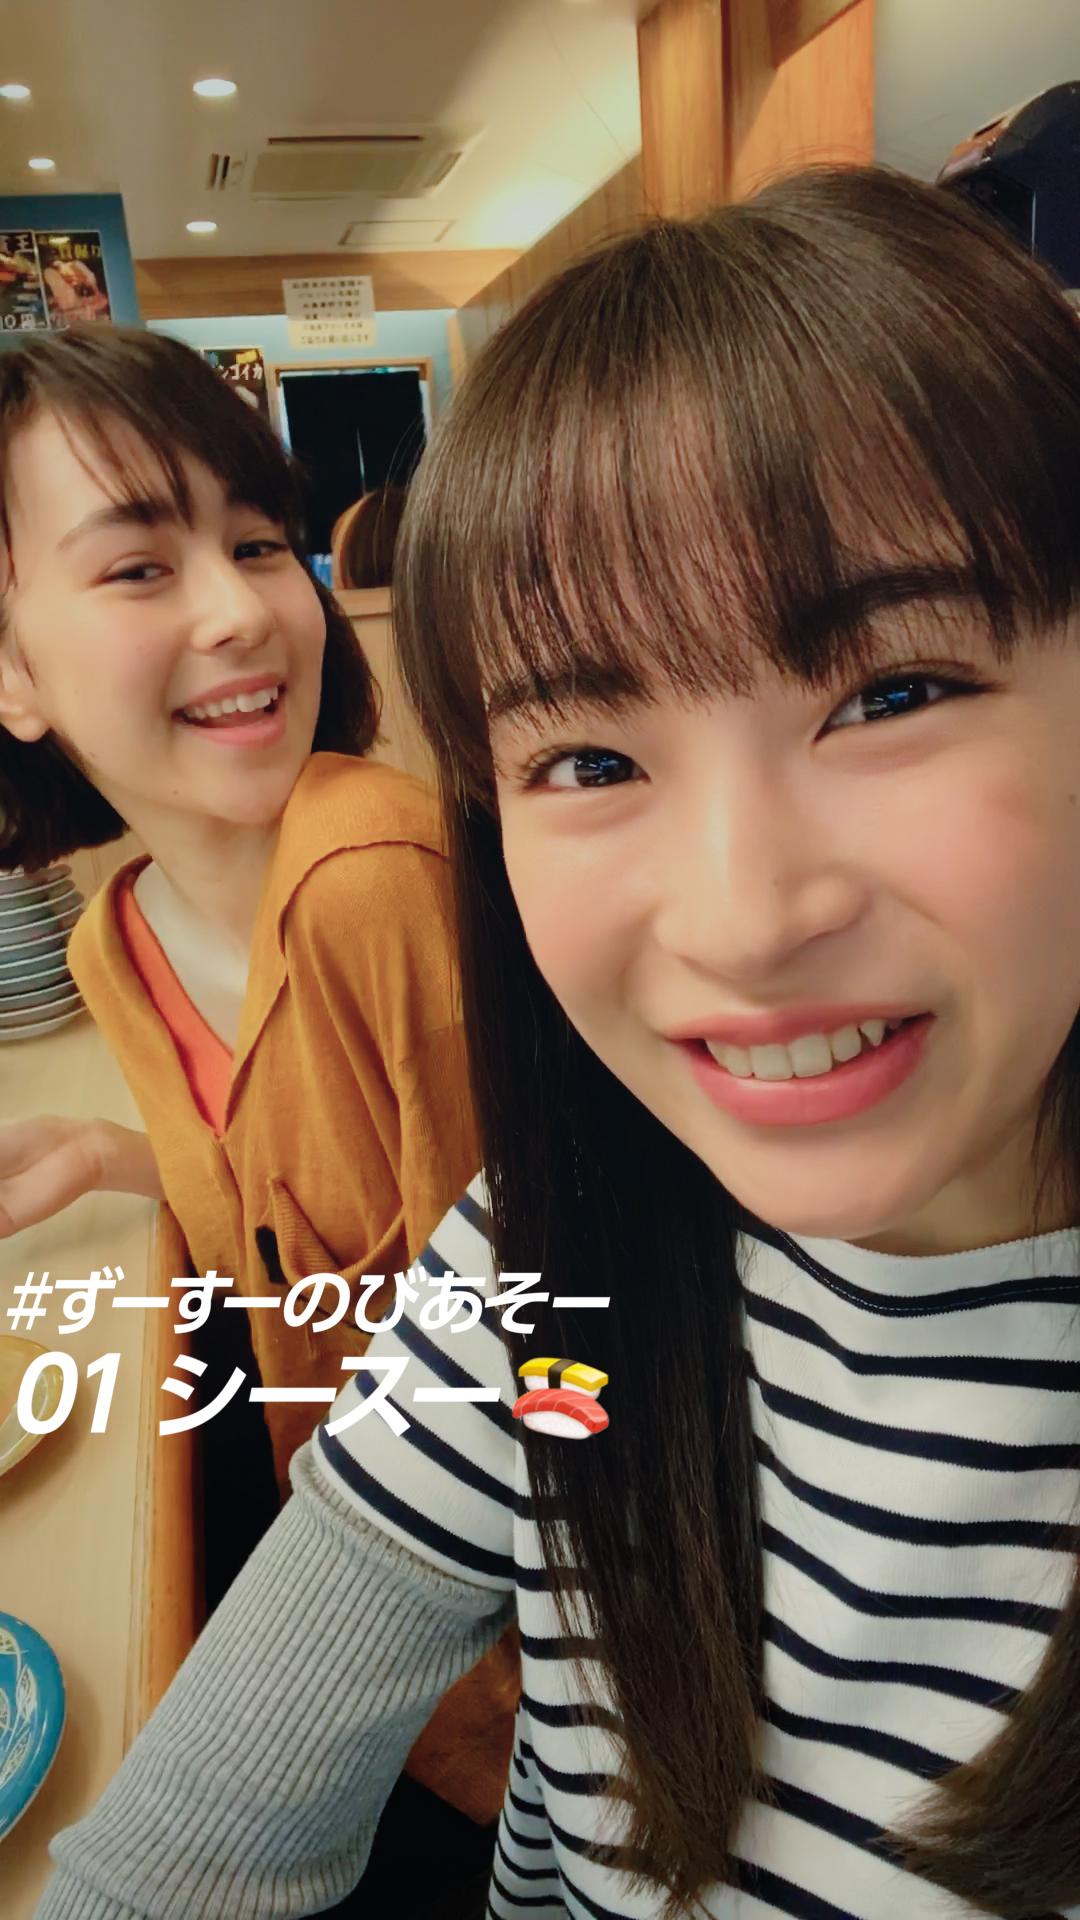 広瀬すず、業界用語オンリーで遊びを楽しむ!三菱 UFJ ニコス「VIASO カード」